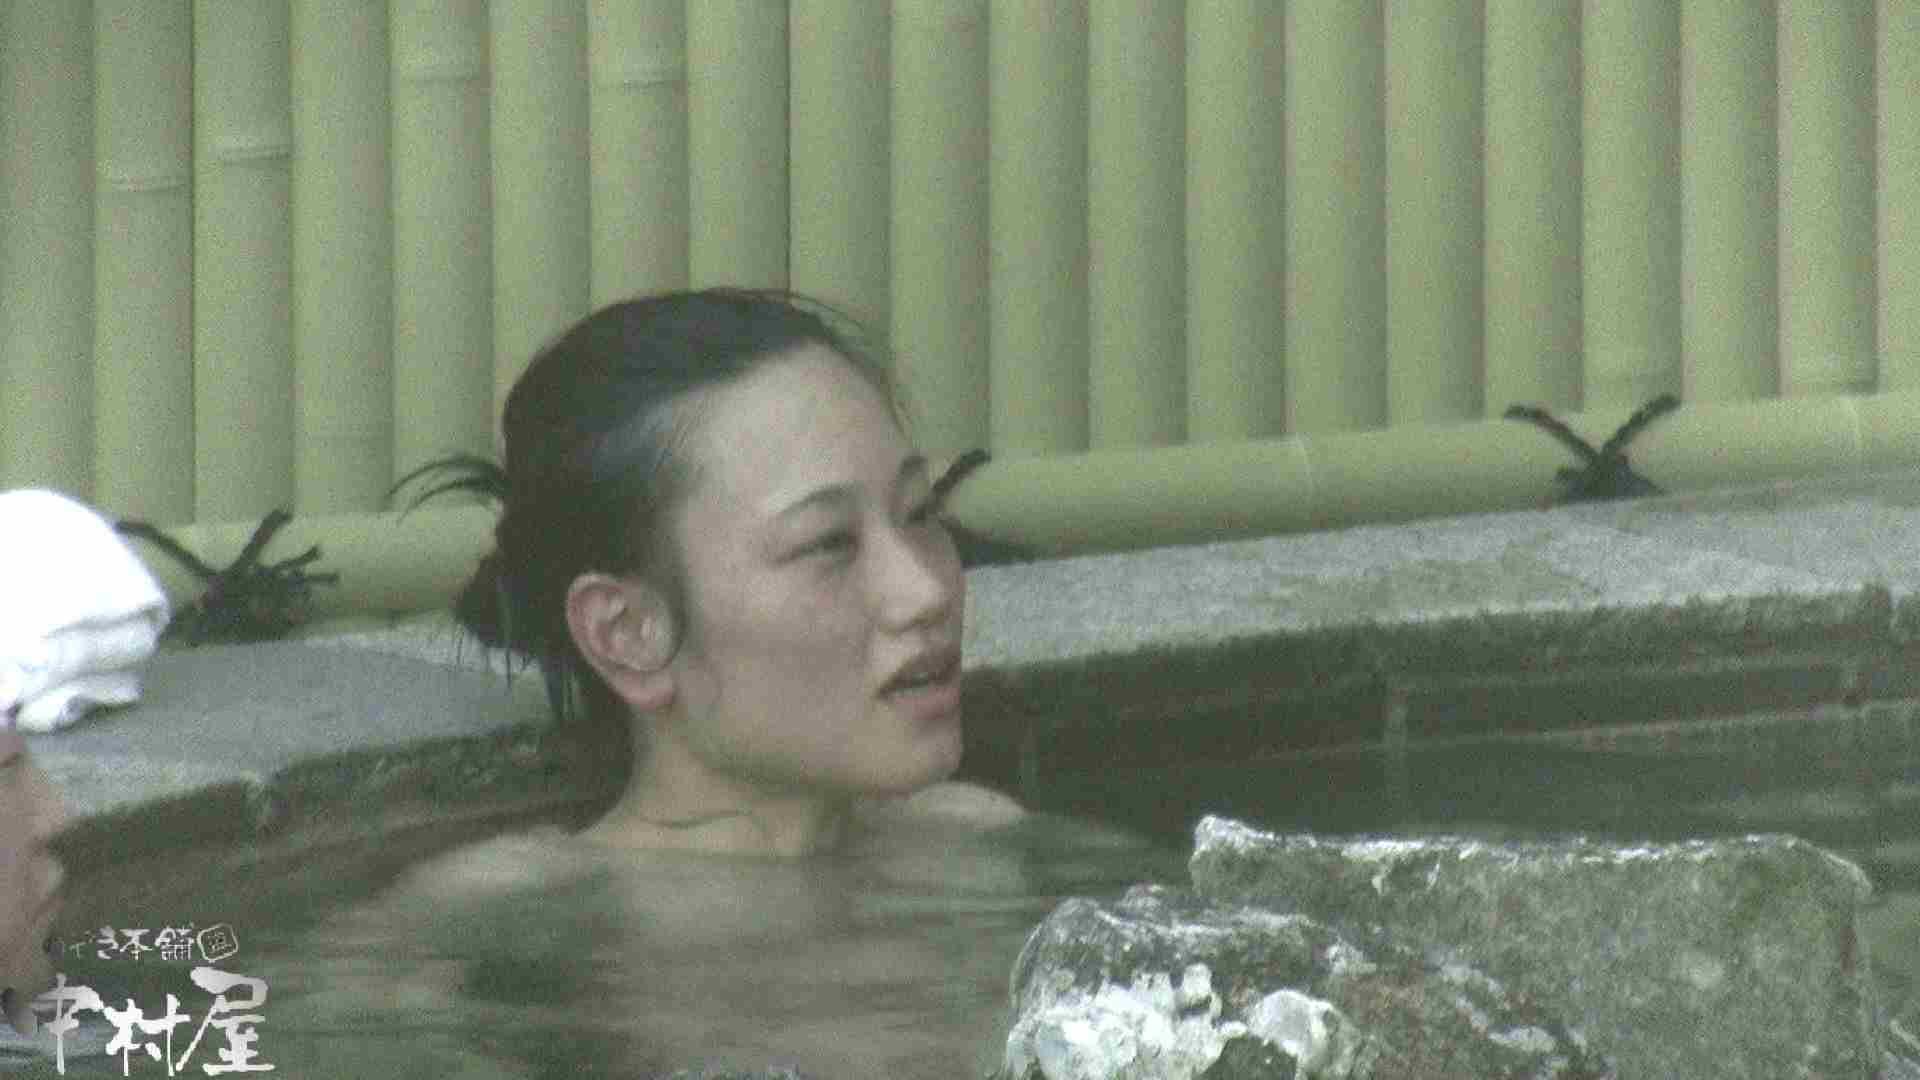 Aquaな露天風呂Vol.914 露天 | 盗撮  98pic 86